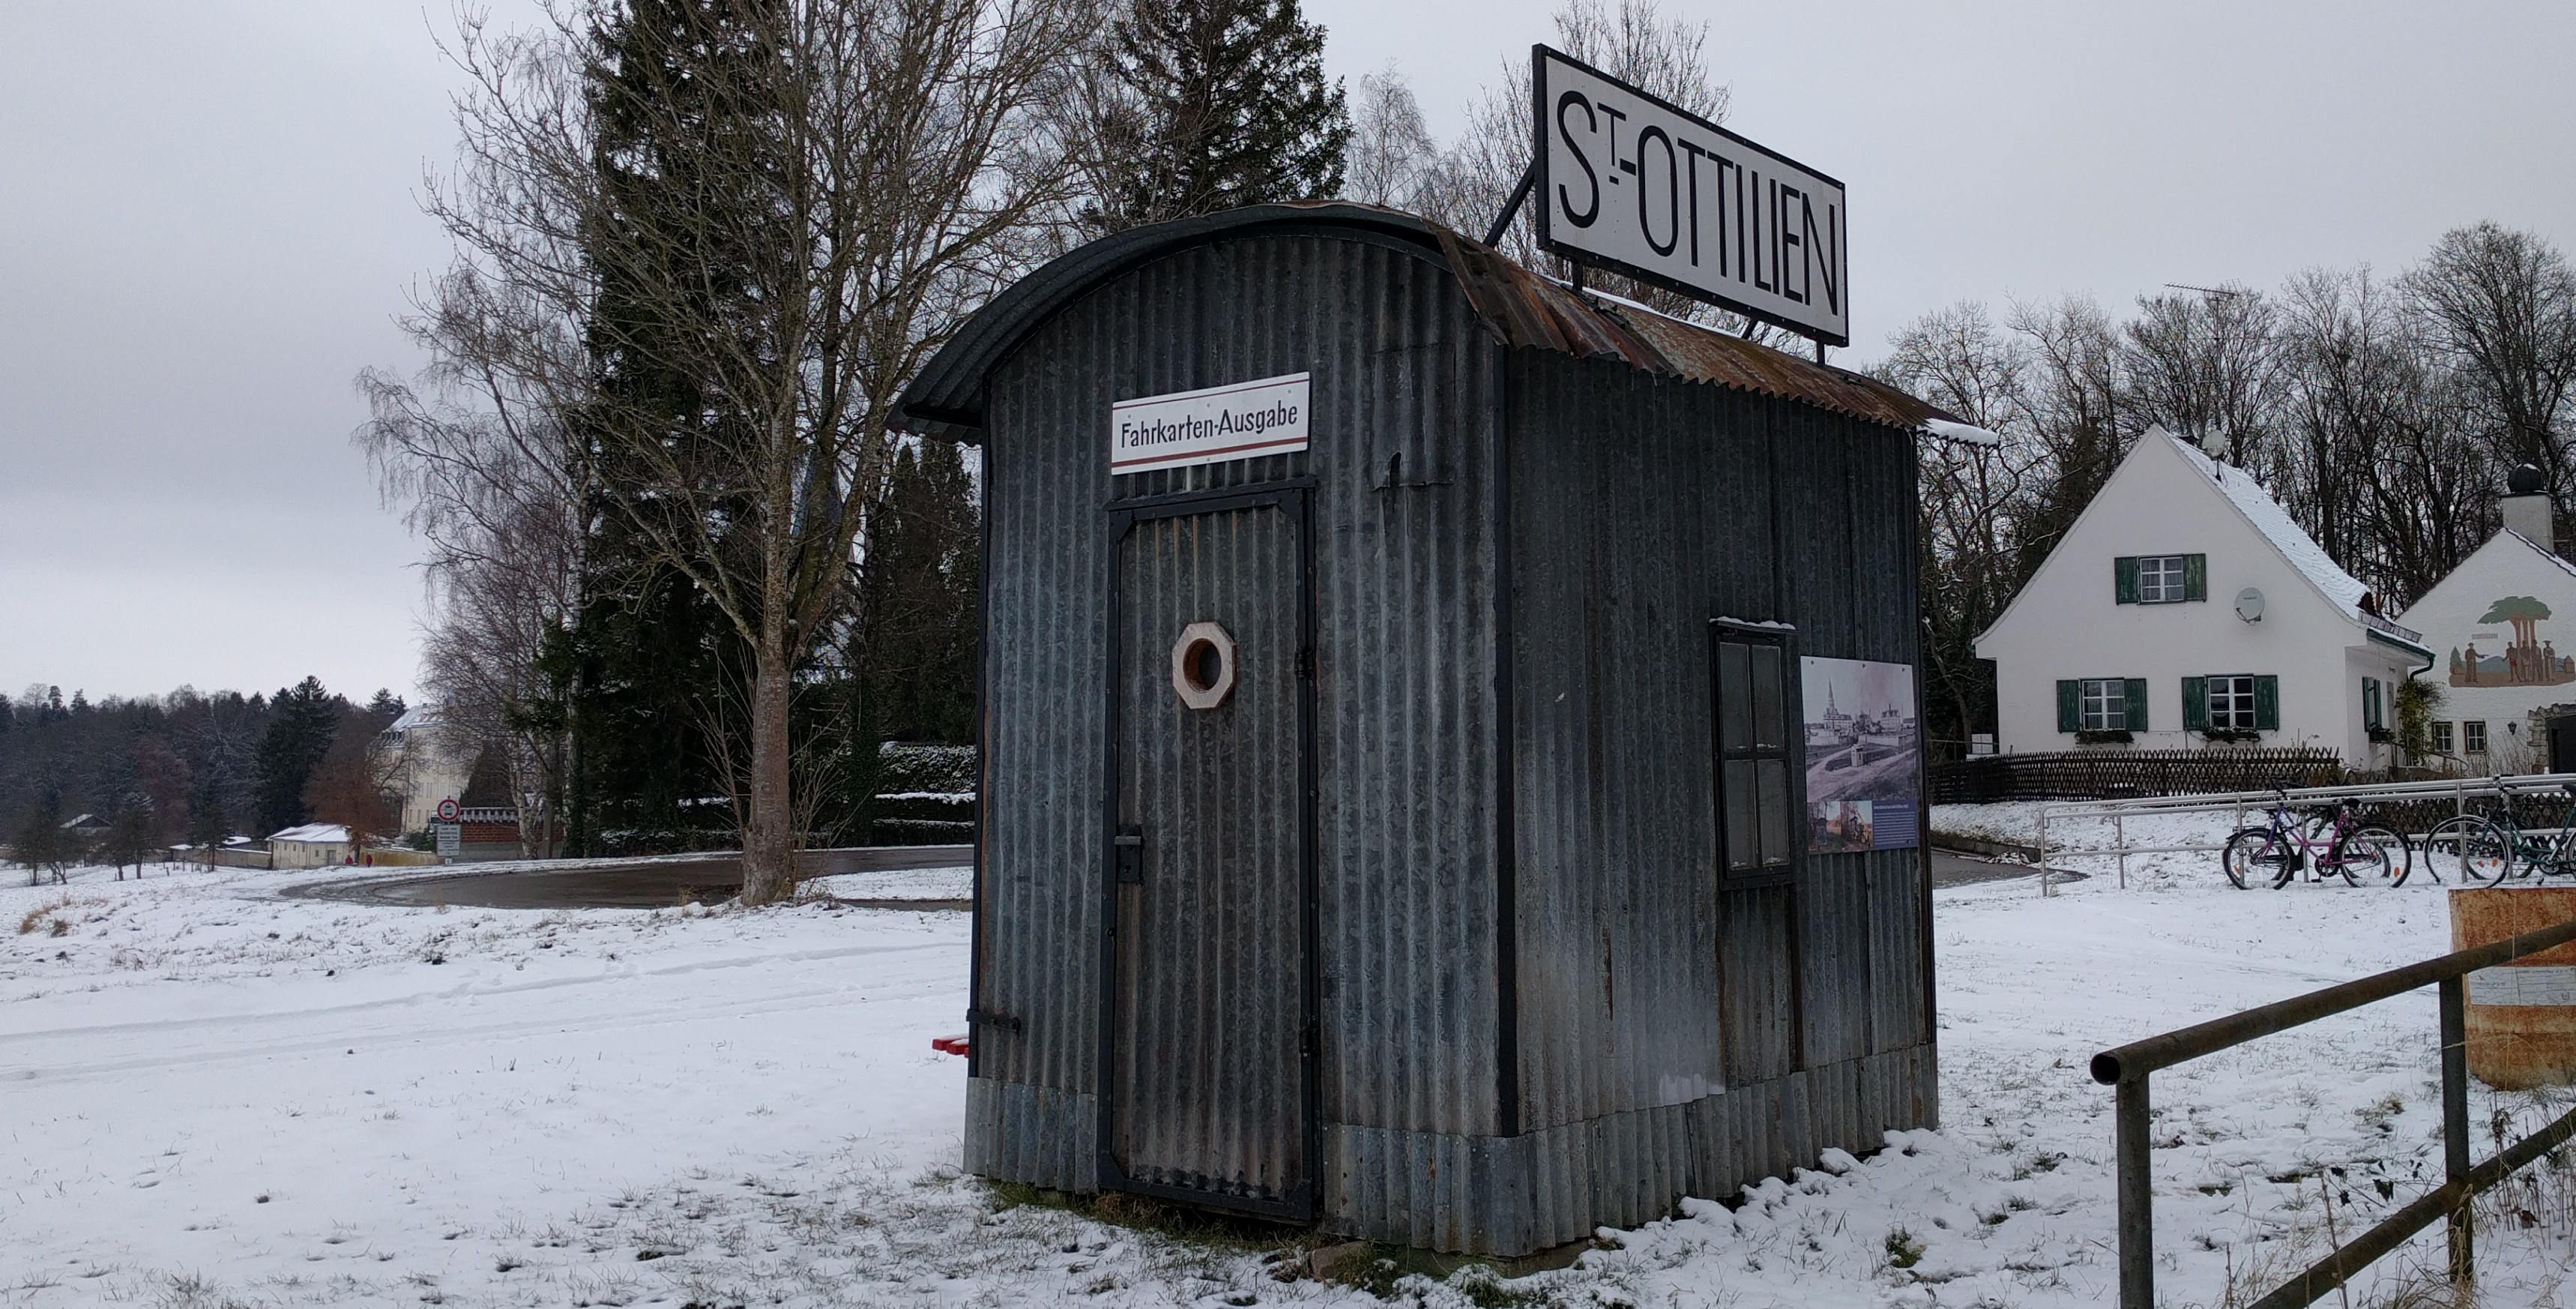 Bahnhof St. Ottilien (1)